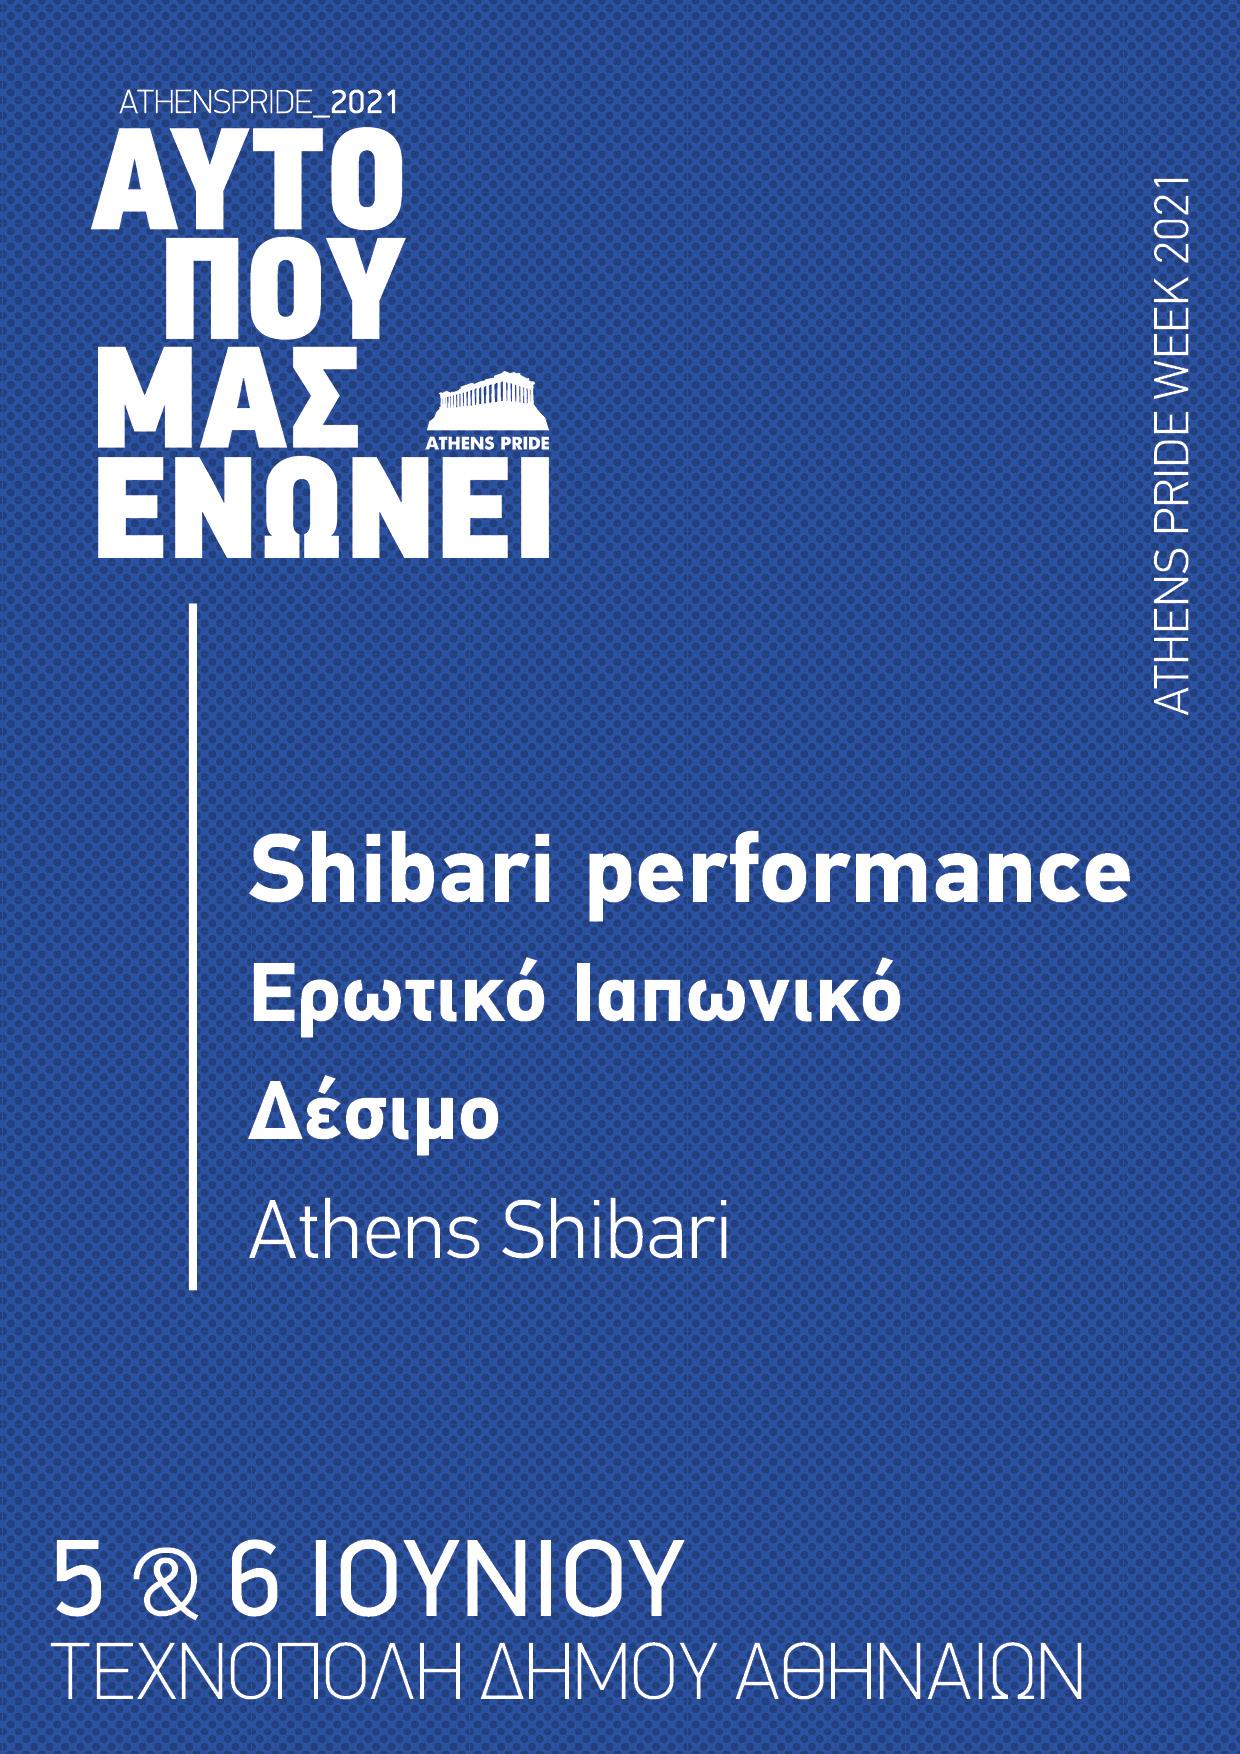 Αφίσα εκδήλωσης στο πλαίσιο του Athens Pride Week με μπλε φόντο